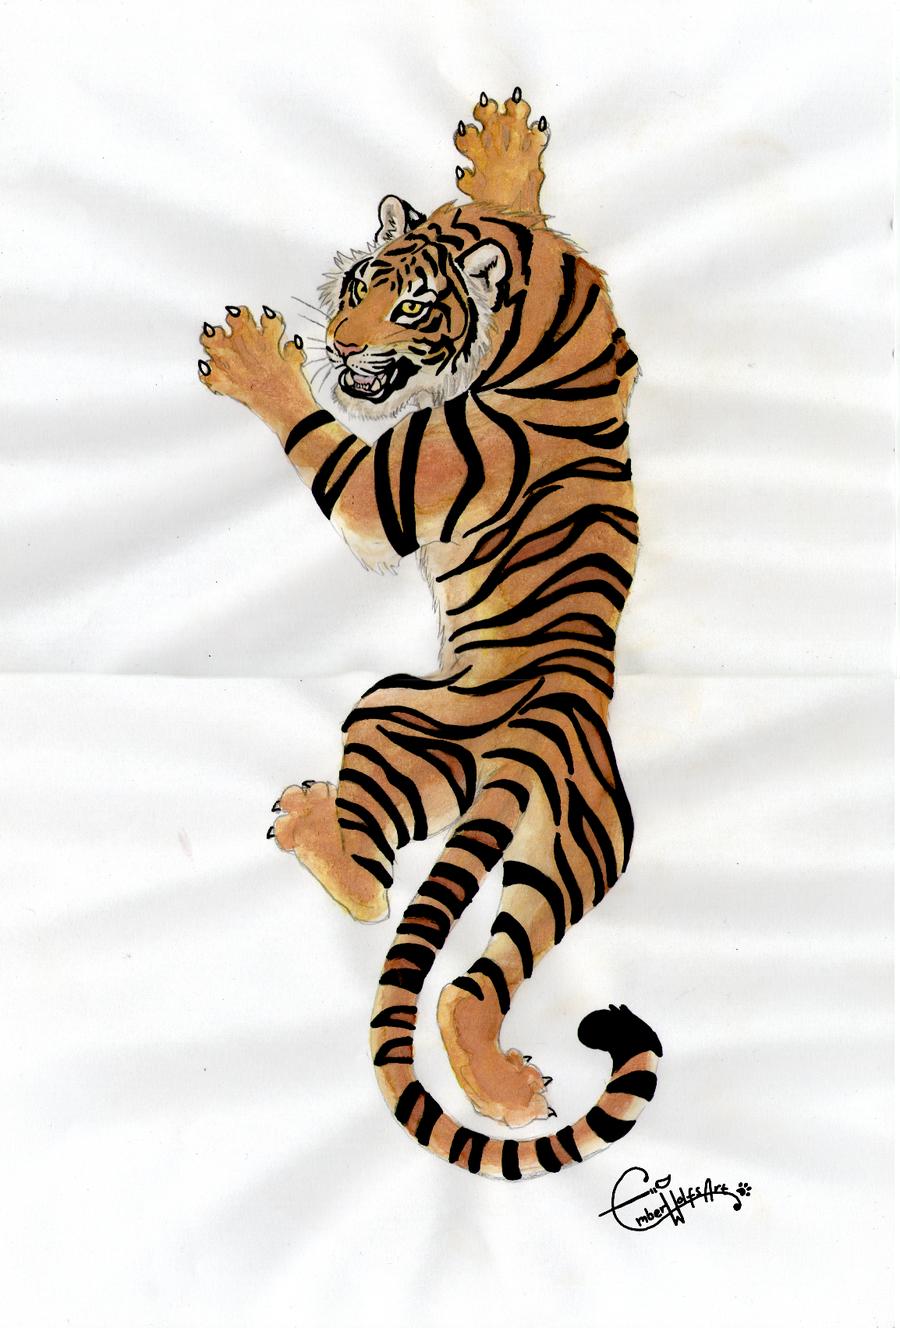 Climbing tiger | Tiger tattoo design, Tiger tattoo, Foot ...